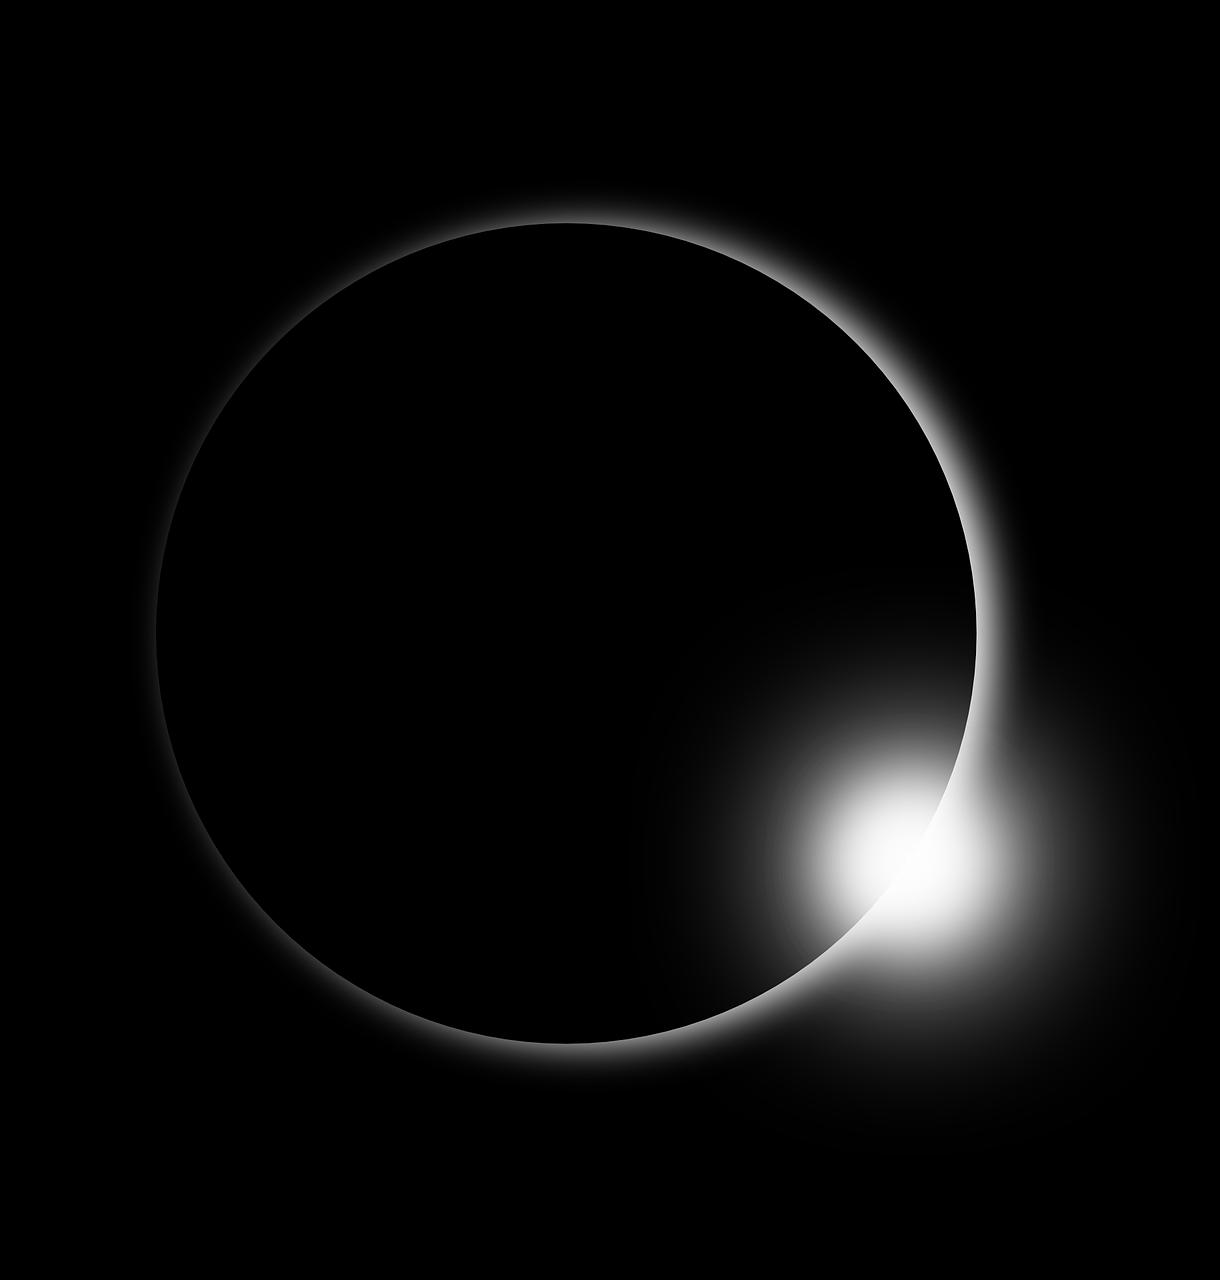 金環日食と天の岩戸(アマテラスの岩戸隠れ)のお話